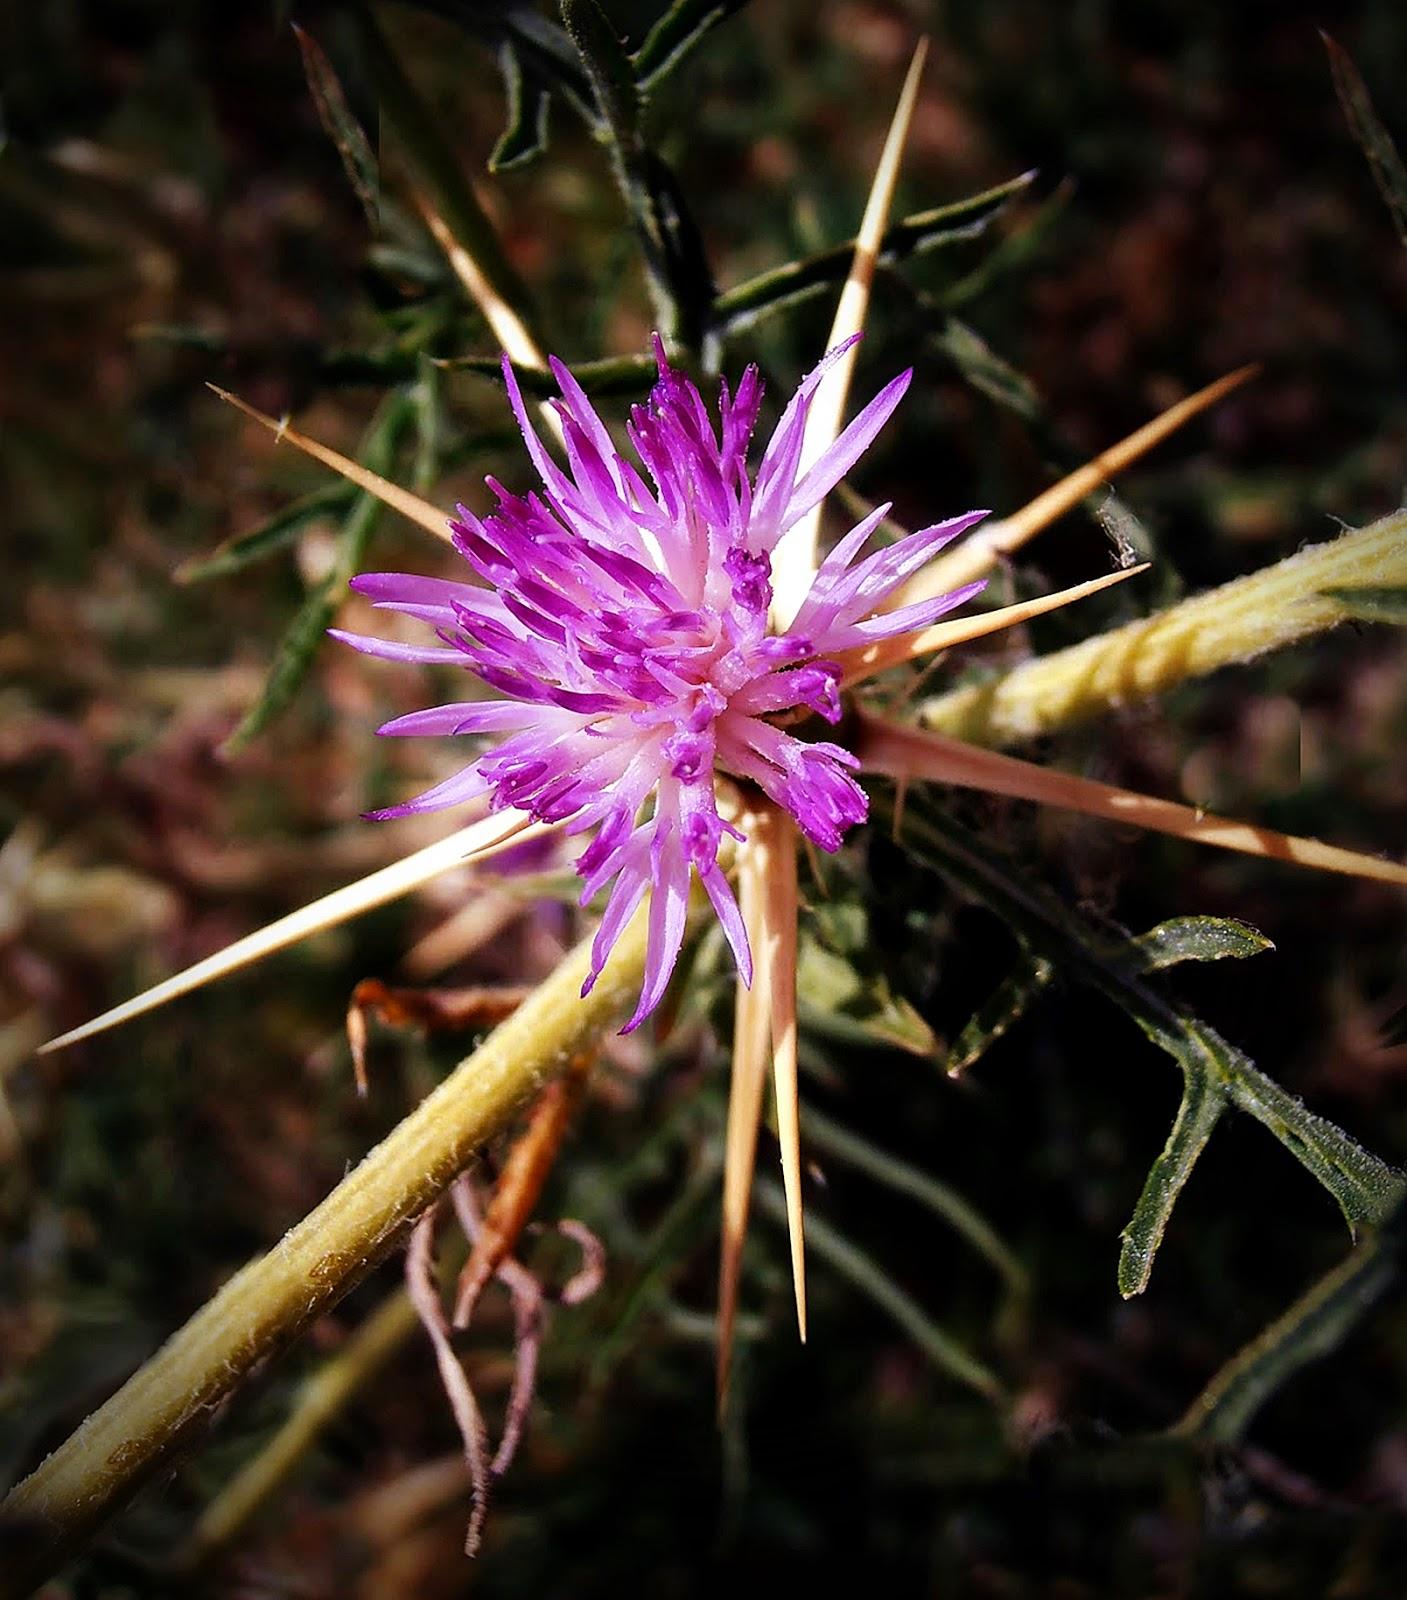 Centaurea Calcitrapa - Alfonsoyamigos